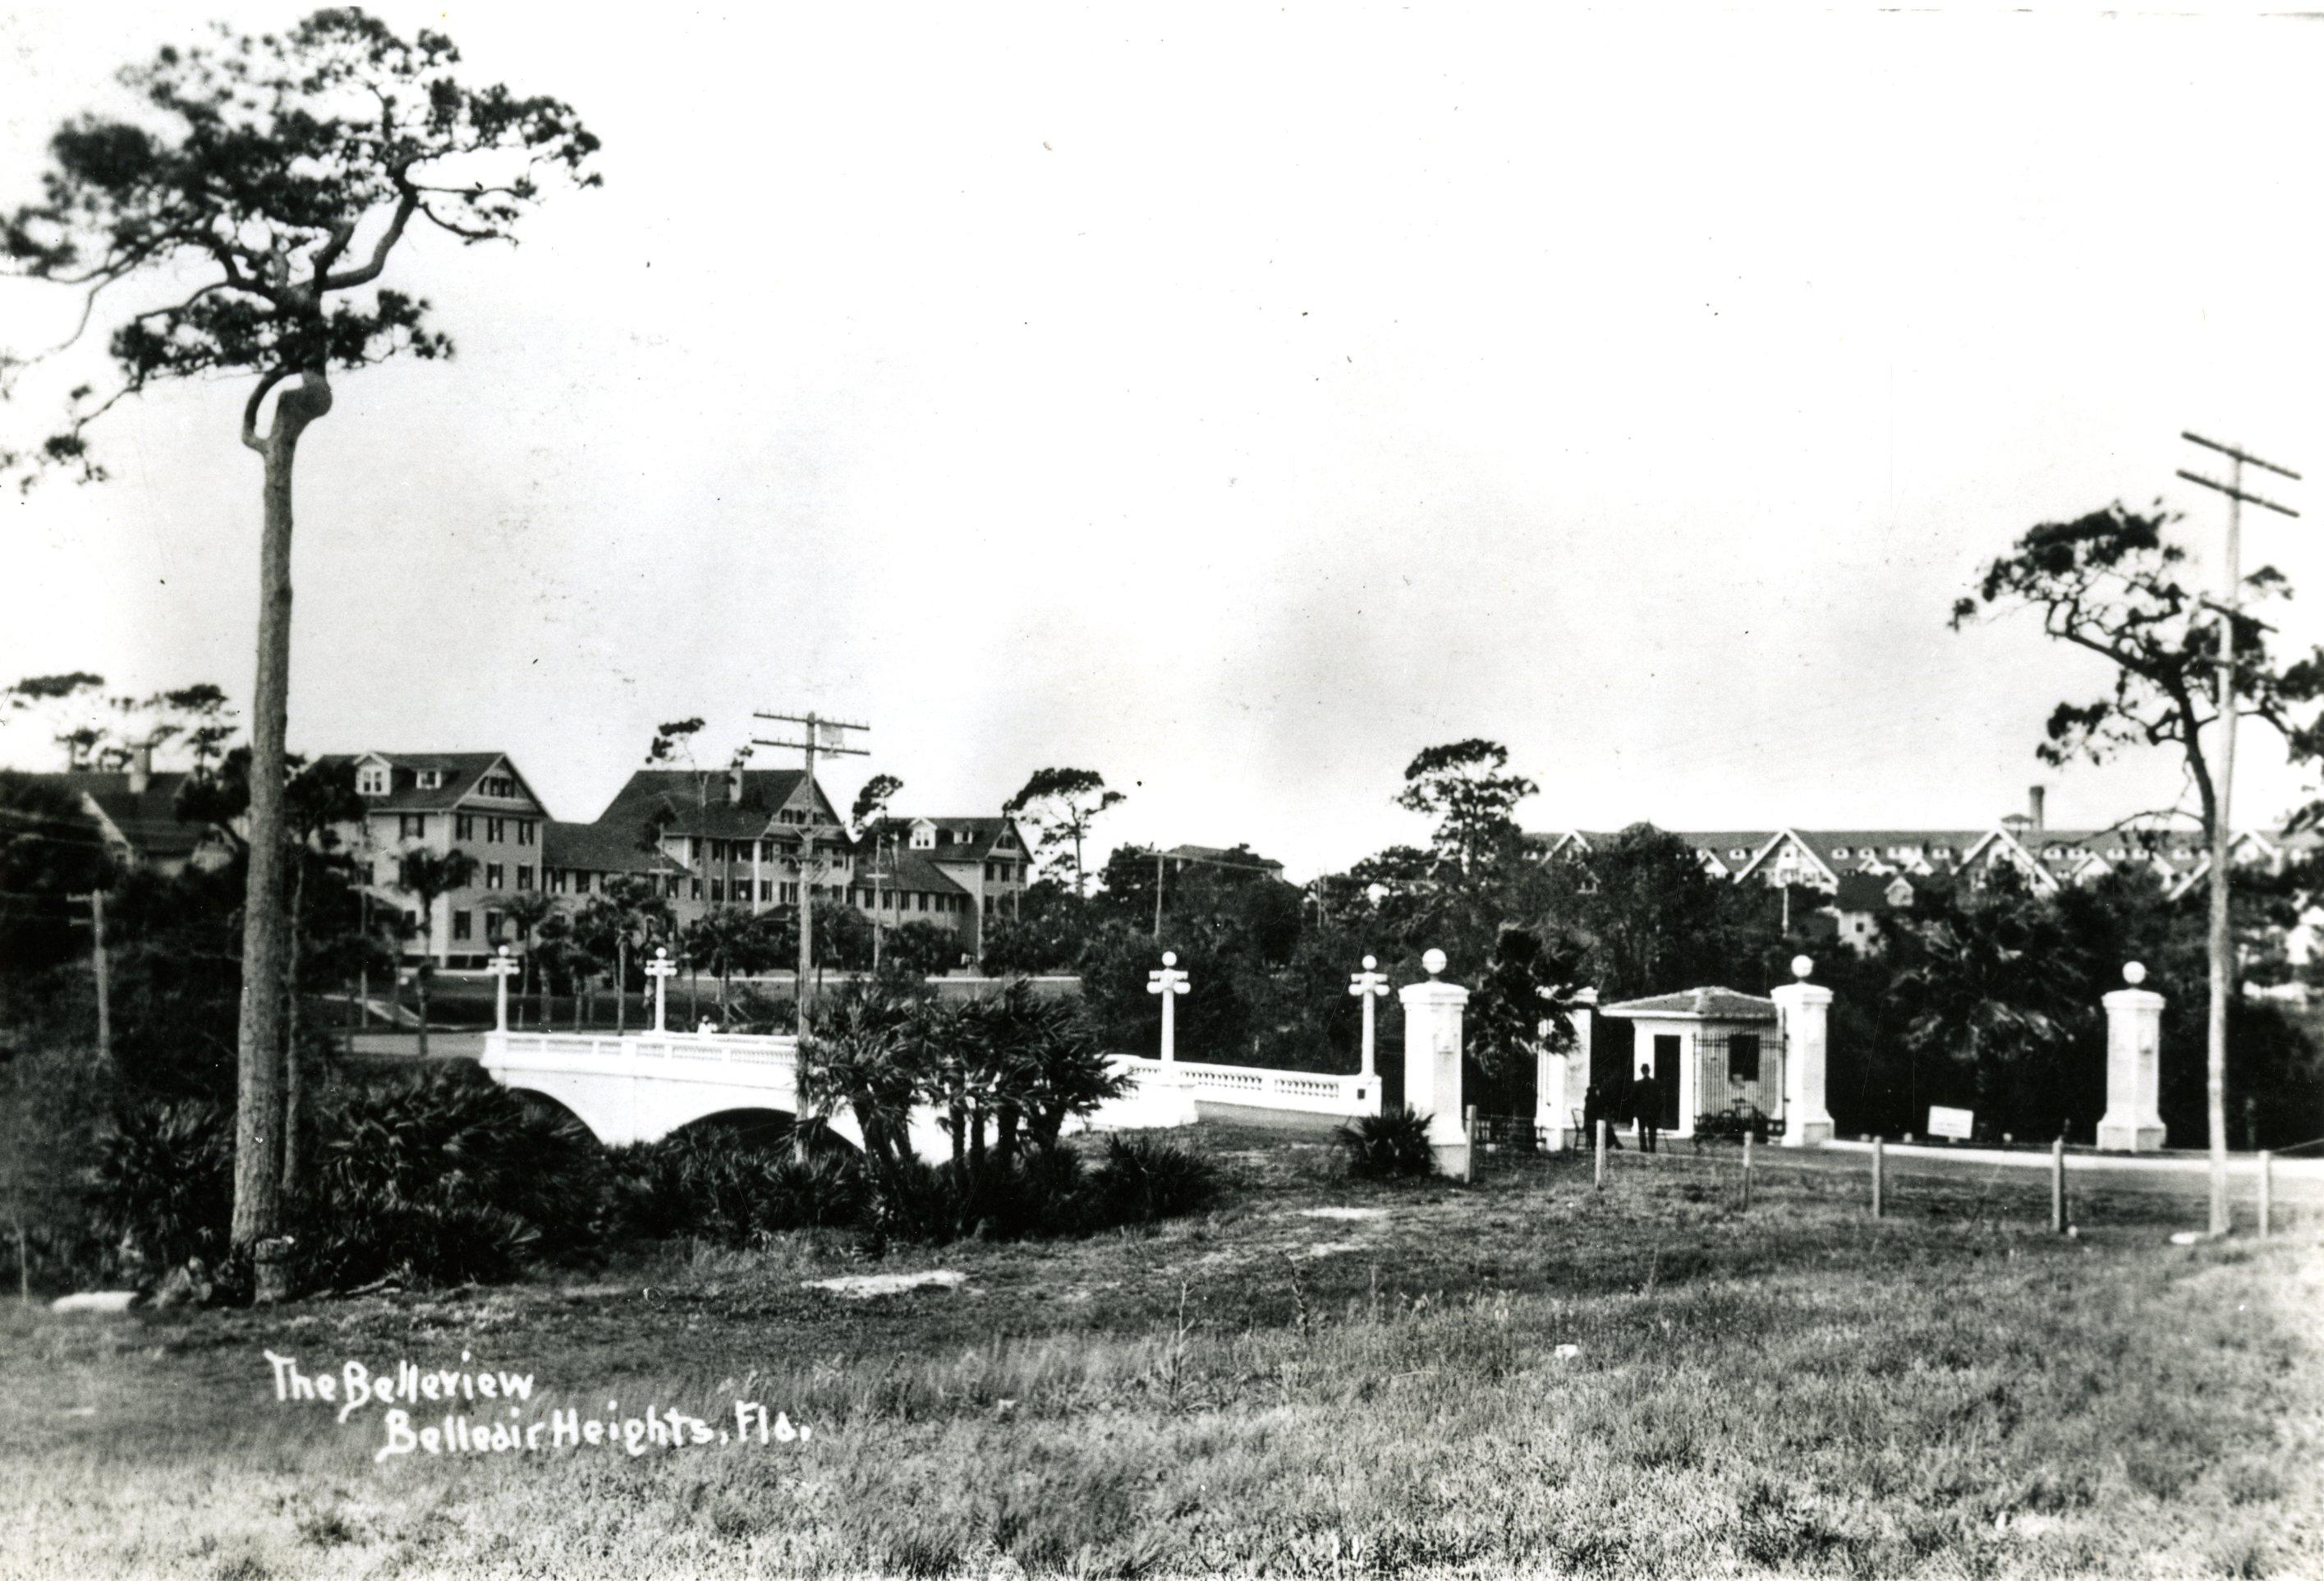 Belleview-Biltmore Hotel, Belleair, Florida, circa 1920.